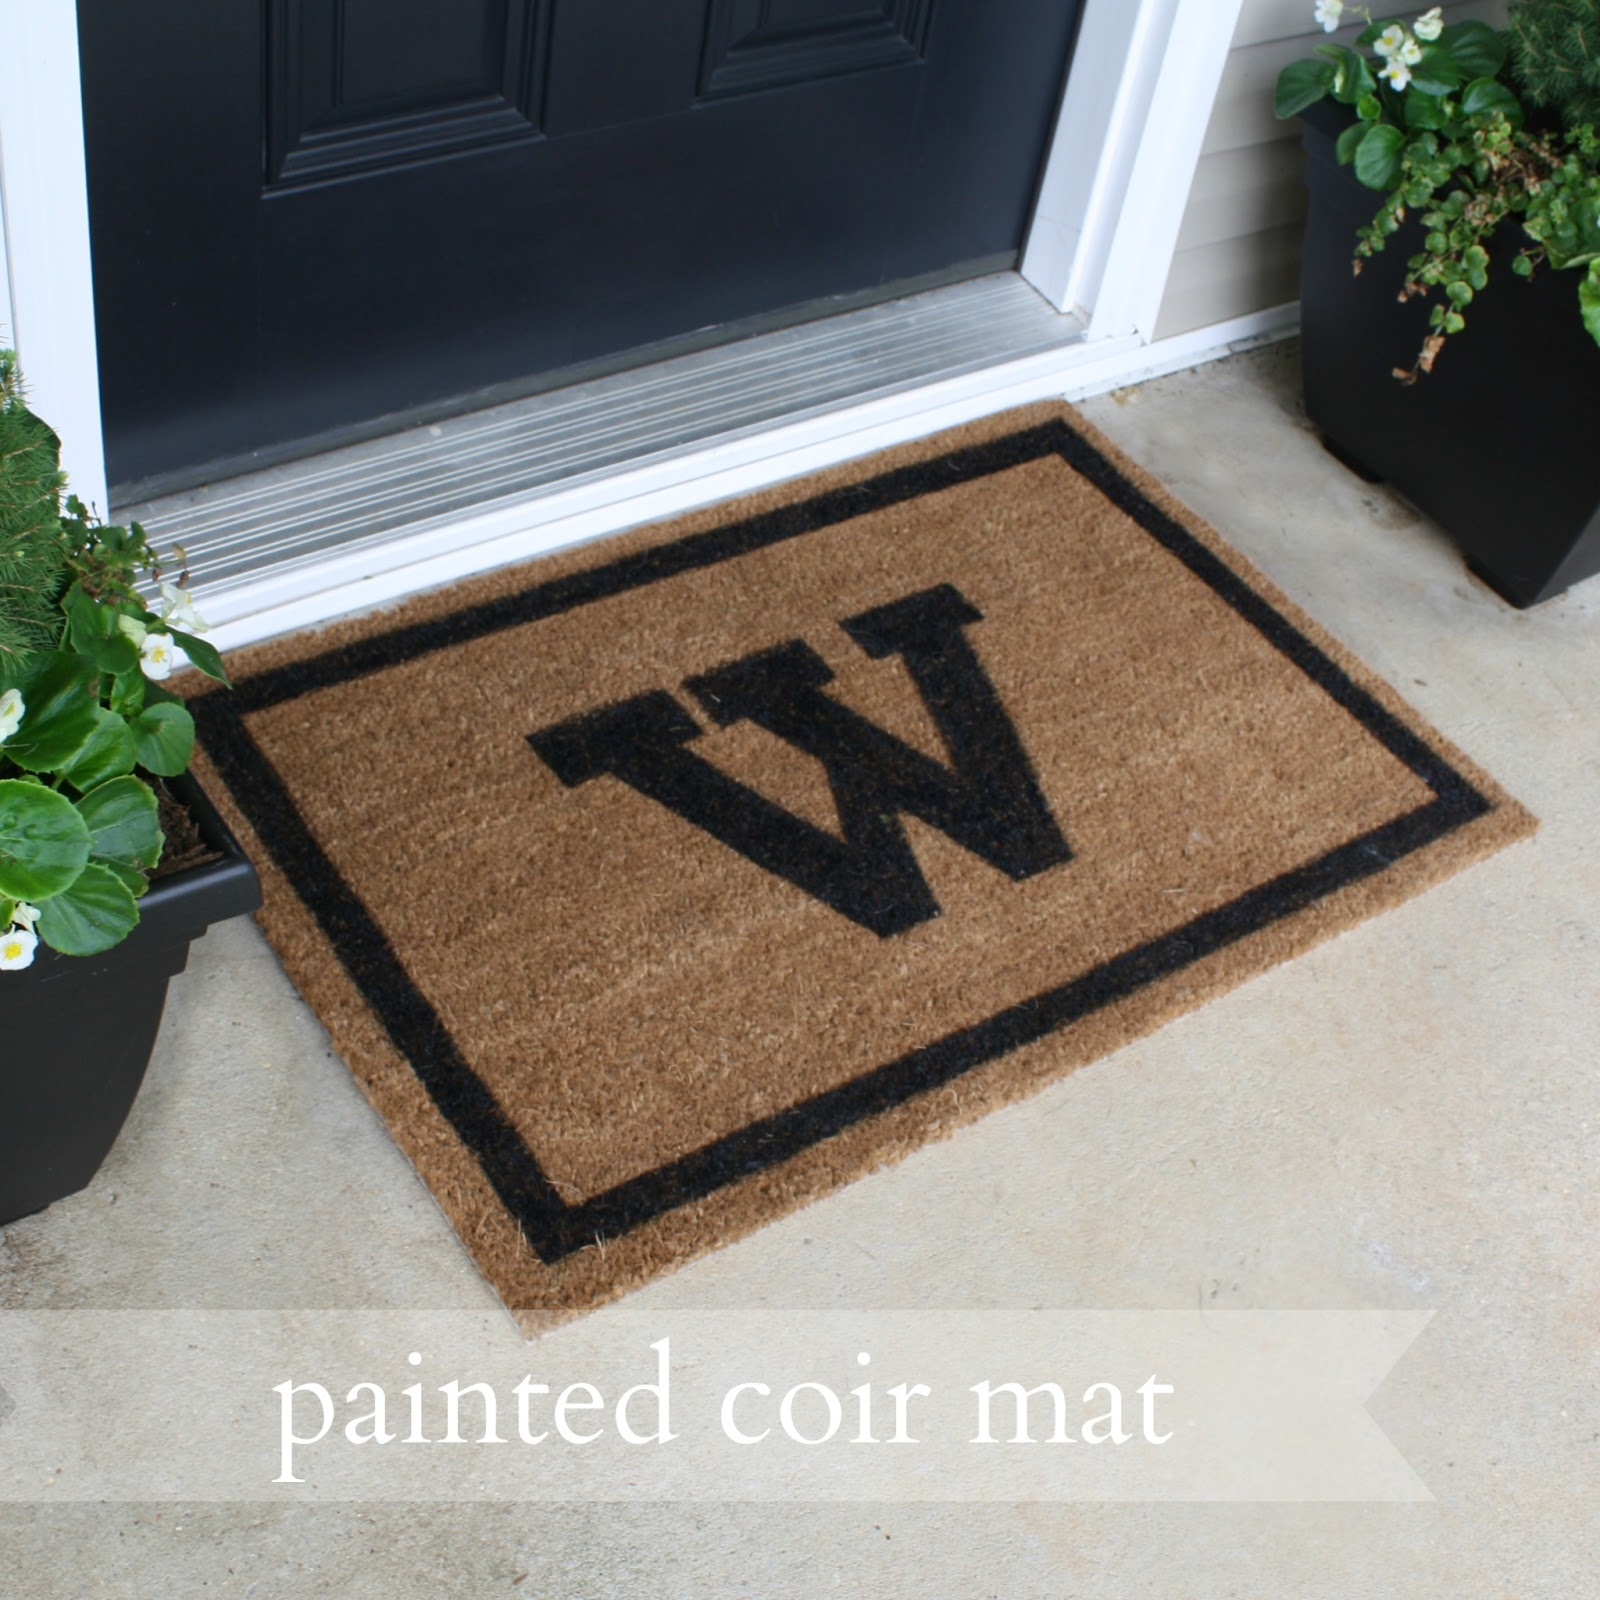 live a little wilder painted coir mat tutorial